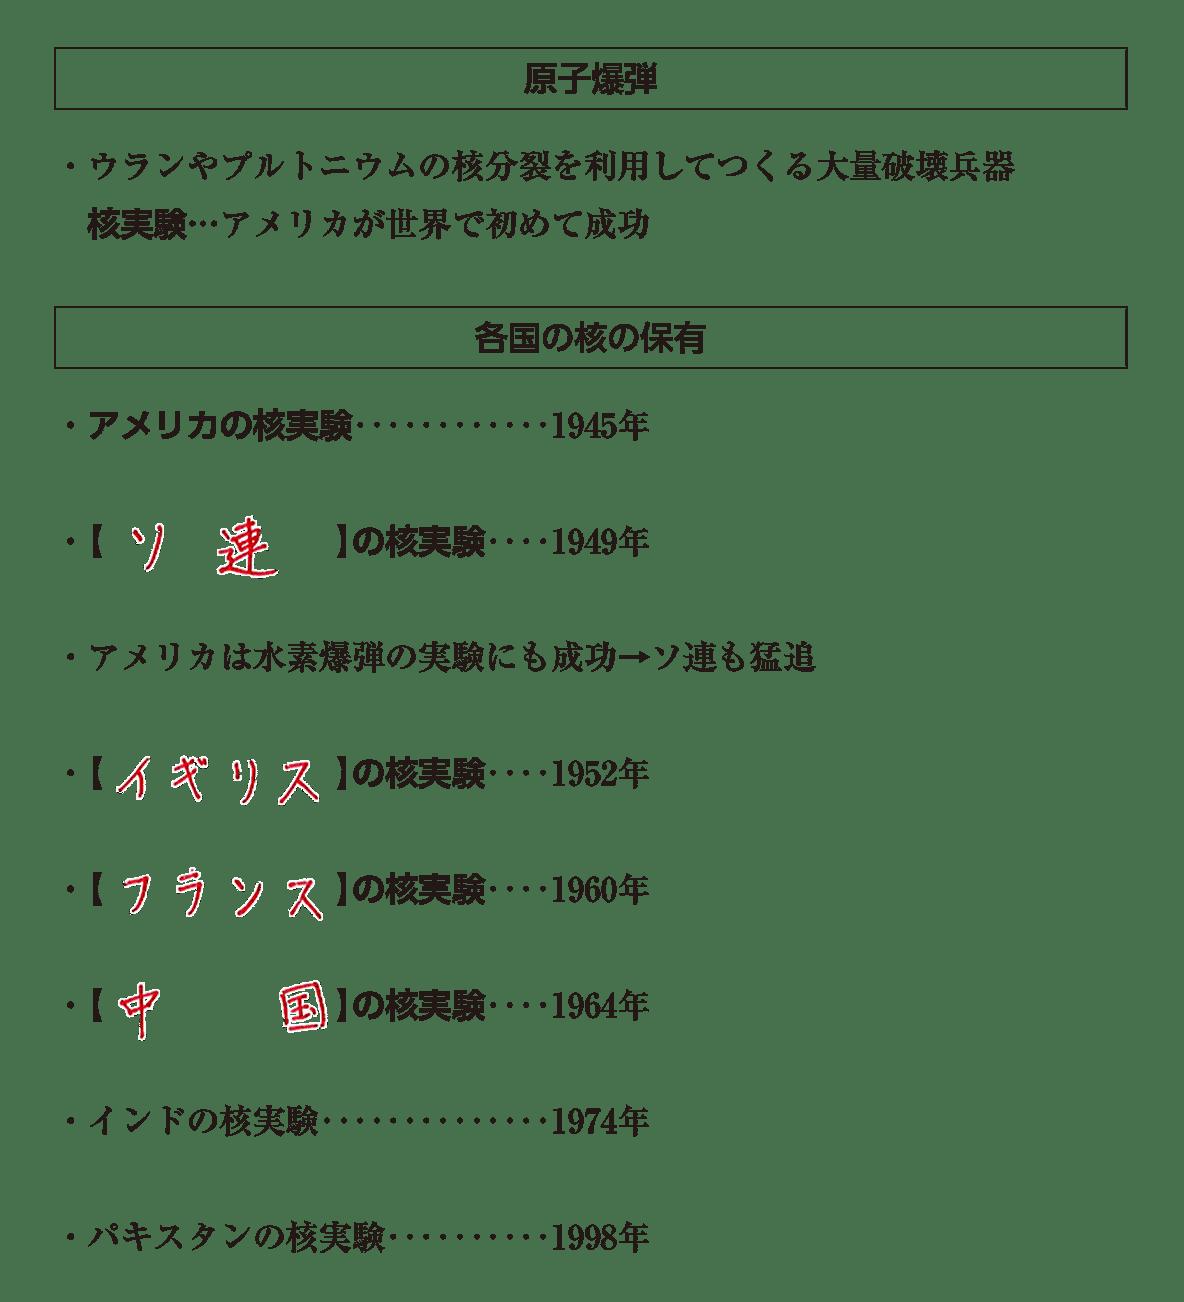 高校世界史 冷戦激化と西欧・日本の経済復興2 ポイント1 答え全部